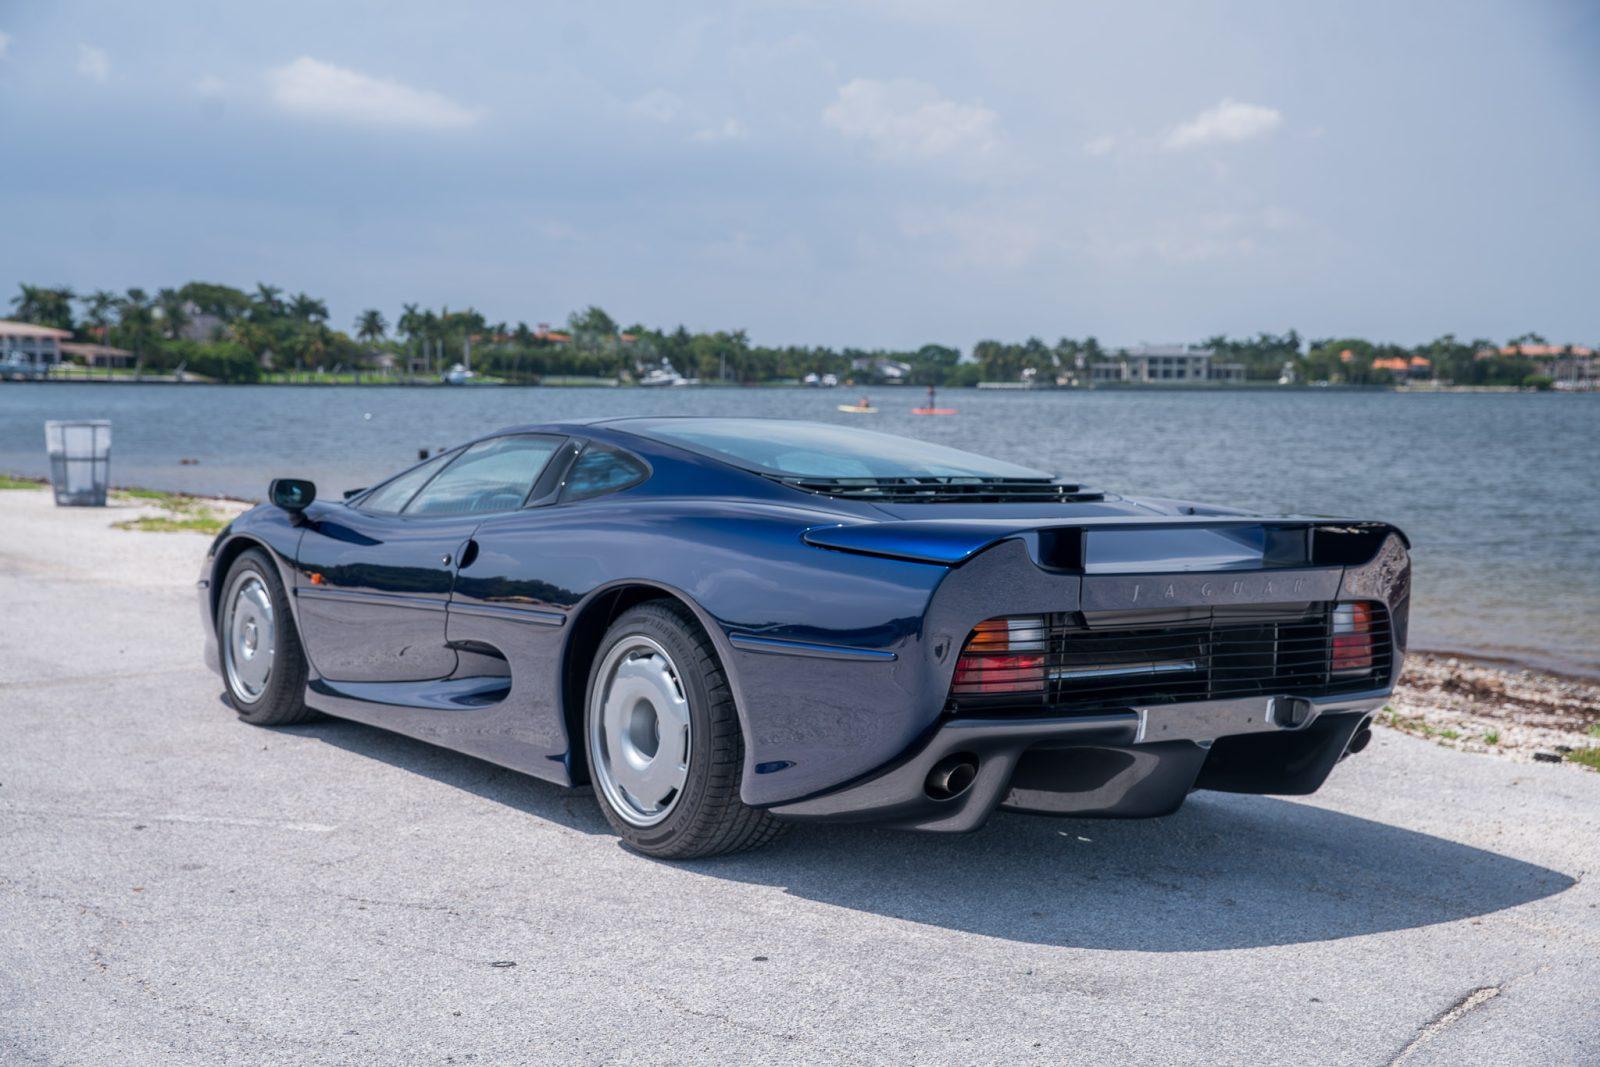 Jaguar Xj220 For Sale >> Jaguar Xj220 Blue 9 Curated